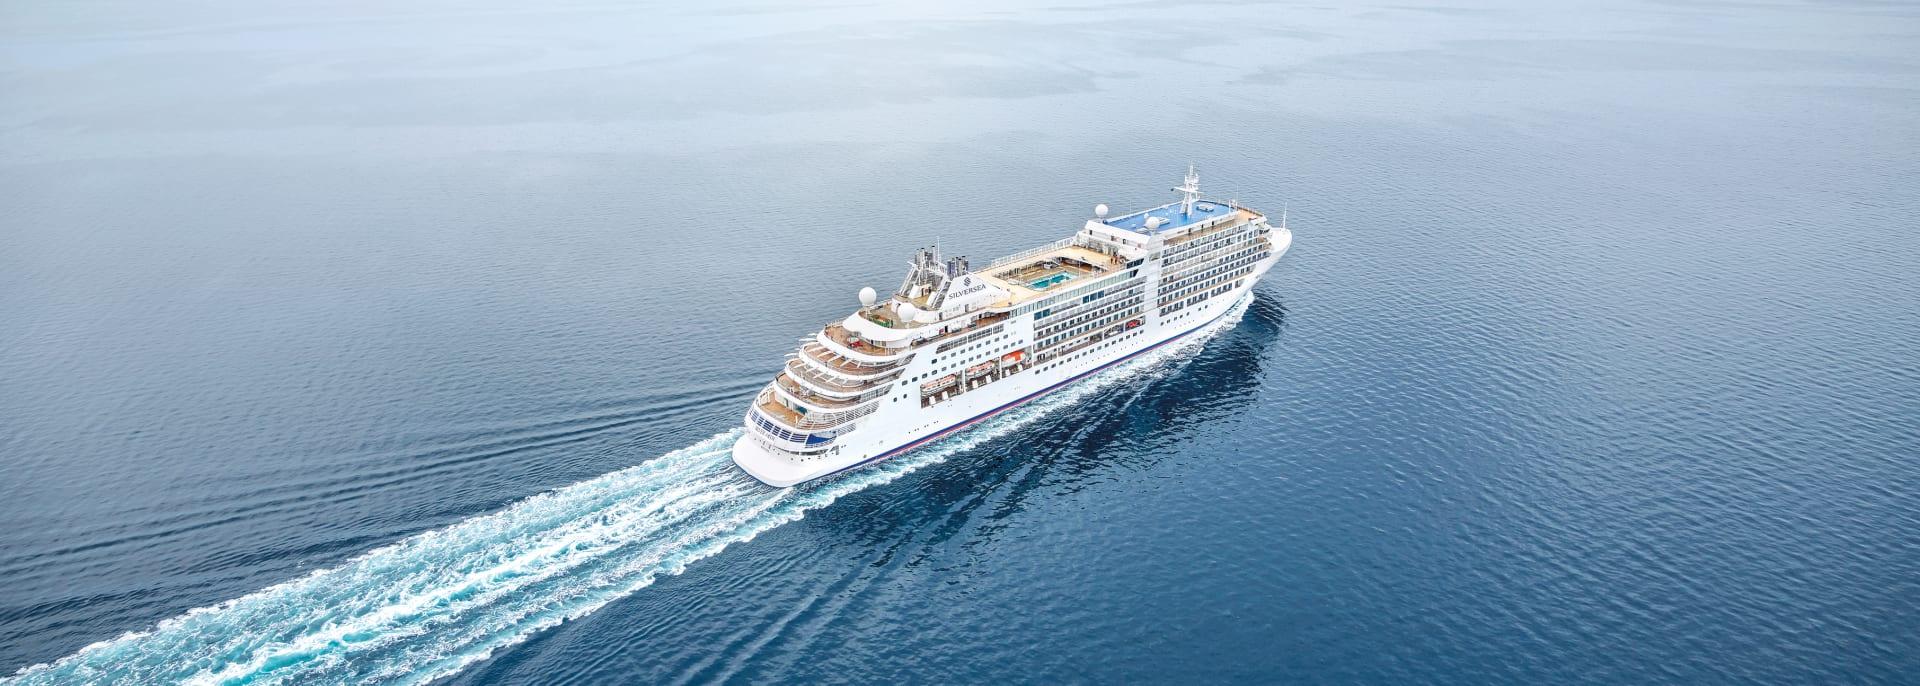 Silversea Kreuzfahrtschiff